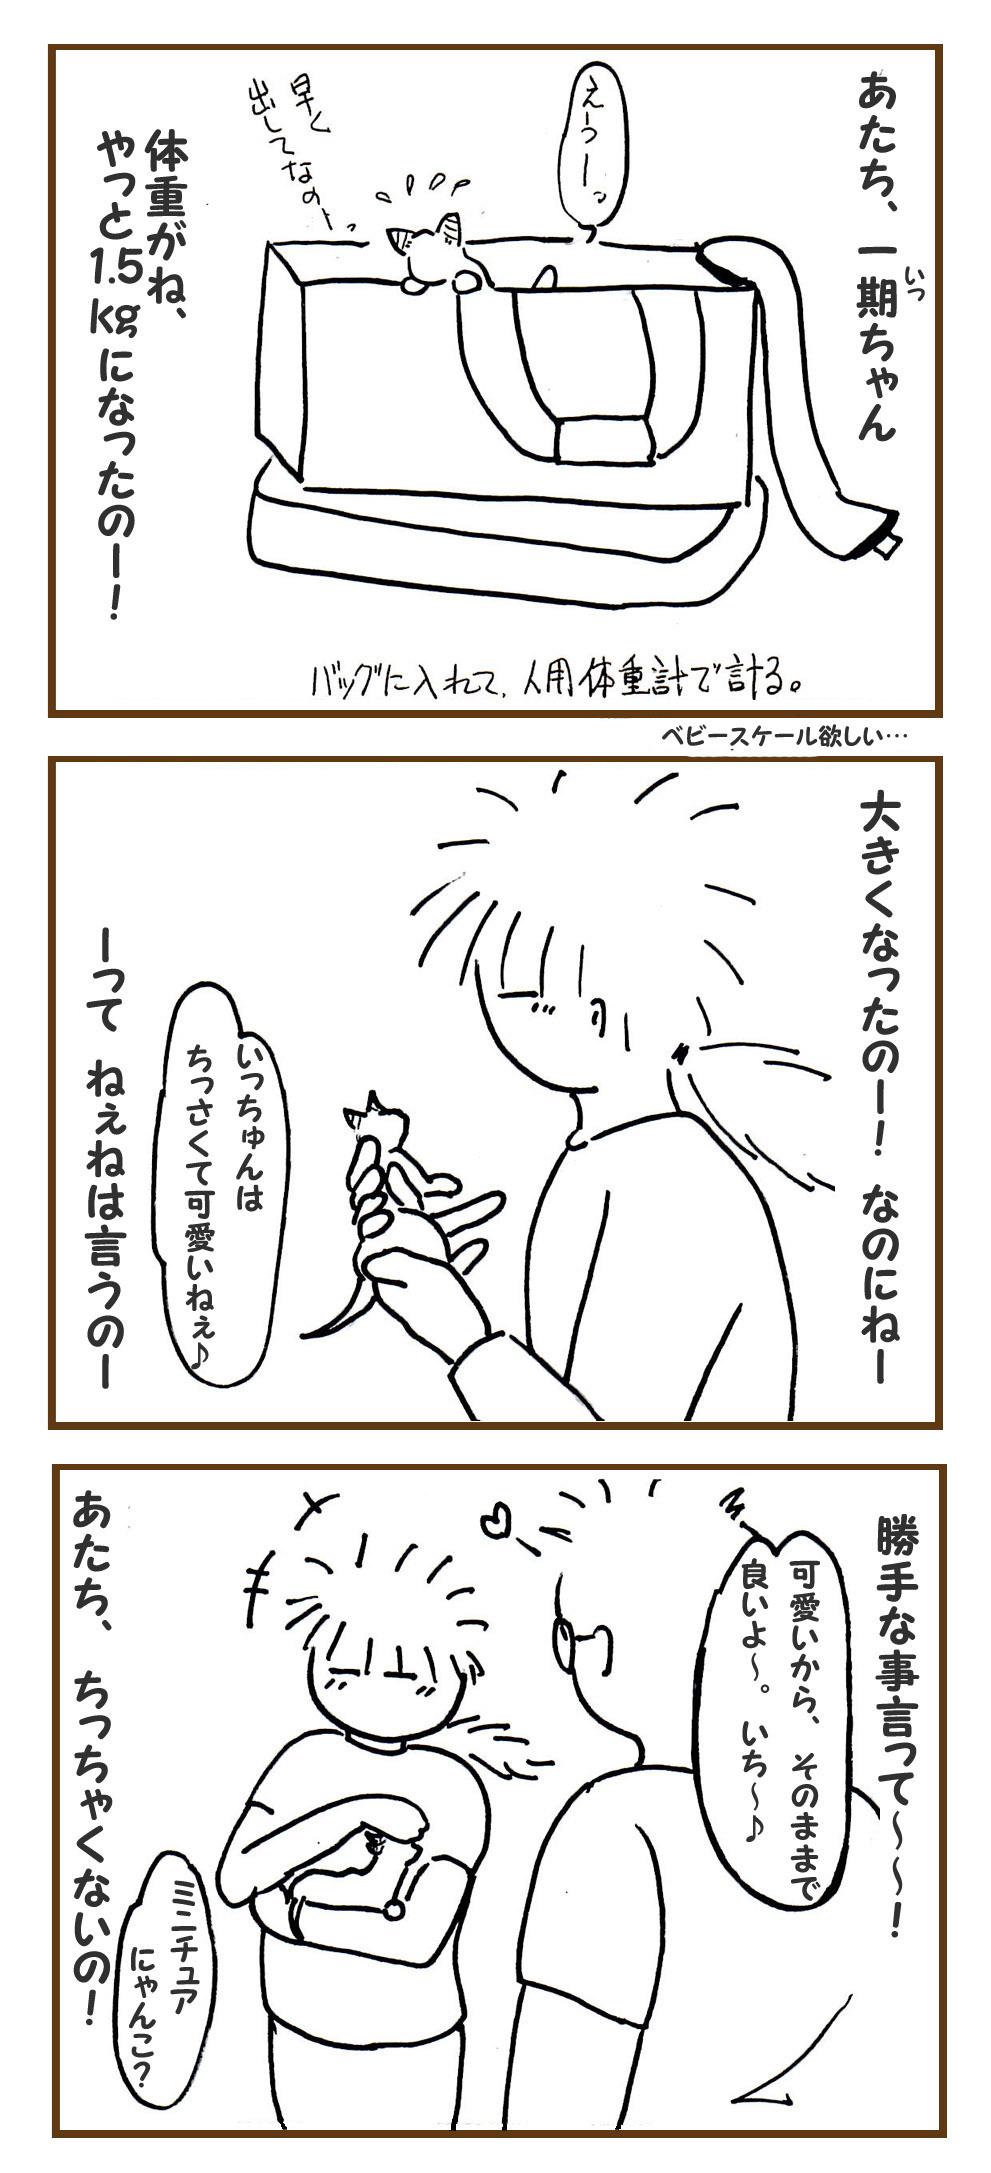 101102-1.jpg